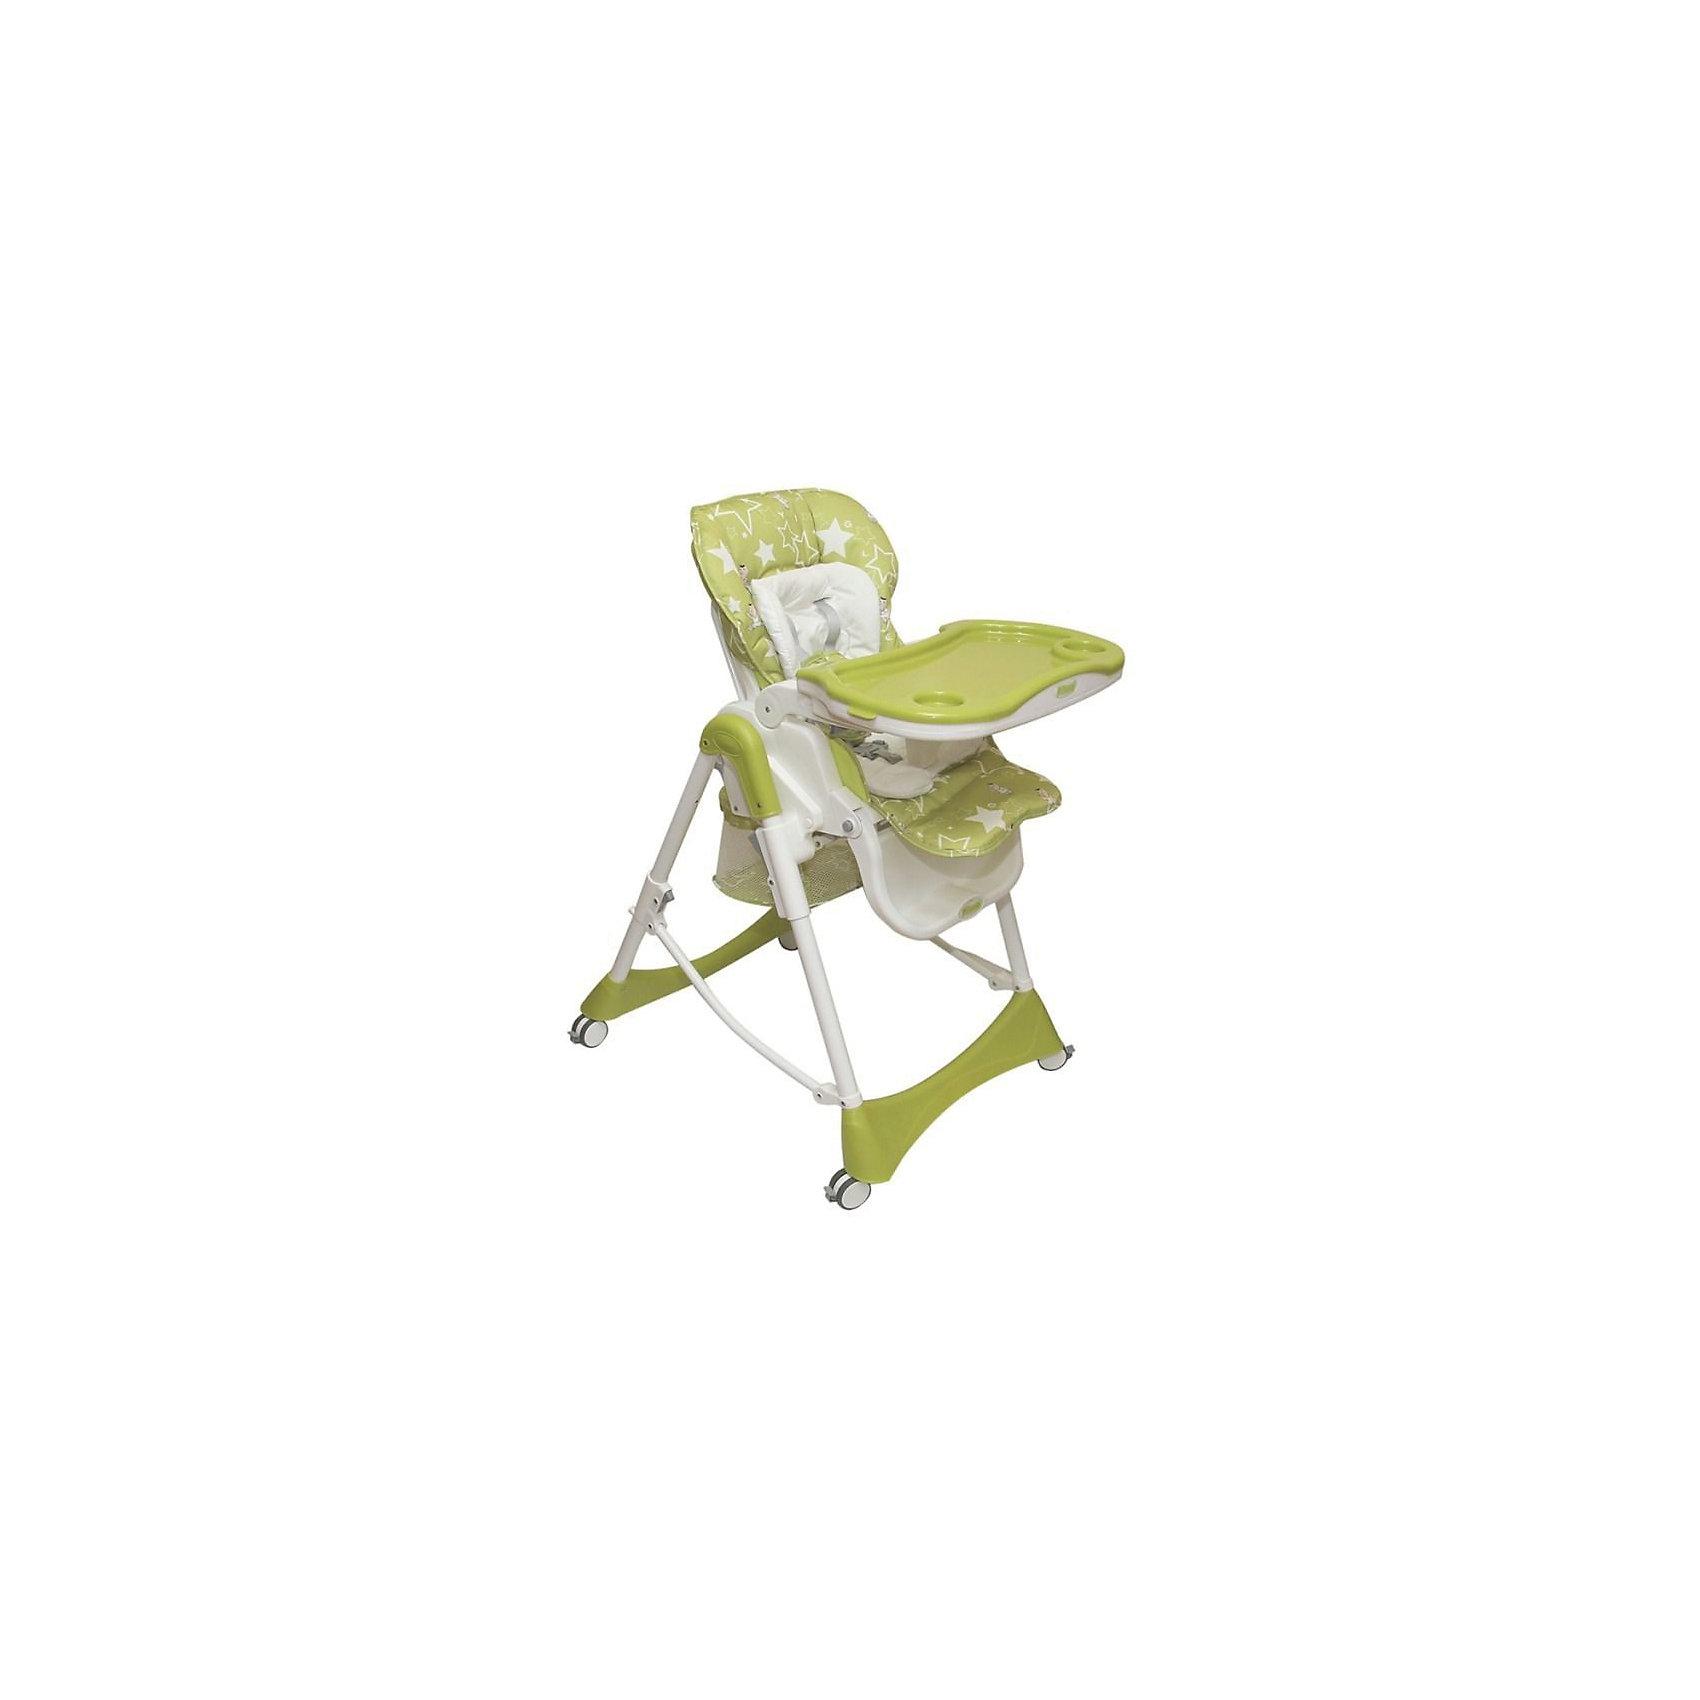 Стульчик для кормления Nana, Pituso, зеленыйКачественный удобный стульчик для кормления Nana позволит посадить ребенка, не беспокоясь при этом о его безопасности. Яркий цвет изделия привлечет внимание малыша. Эта модель очень удобна: есть тканевый чехол с водонепроницаемой пропиткой и мягкий съемный велюровый вкладыш, пятиточечный ремень безопасности. Спинка и уровень высоты сиденья регулируются. Есть корзина для игрушек и подстаканник.<br>Обивка столика устойчива к загрязнениям и легко чистится! Конструкция  - очень устойчивая. Изделие произведено из качественных и безопасных для малышей материалов, оно соответствуют всем современным требованиям безопасности.<br> <br>Дополнительная информация:<br><br>цвет: зеленый;<br>съемный тканевый чехол с водонепроницаемой пропиткой;<br>мягкий съемный велюровый вкладыш;<br>5-ти точечные ремни безопасности;<br>5 уровней высоты сиденья;<br>3 уровня положения спинки, положение лежа ;<br>регулируемая в трех положениях подножка;<br>Четыре колеса облегчают маневрирование<br>тормоз на всех колесах обеспечивает устойчивое положение;<br>съемная регулируемая в трех положениях столешница и съемным подносом;<br>регулировка положения подноса одной рукой;<br>съемный подстаканник;<br>большая, съемная корзина для игрушек;<br>компактно складывается и удобен для хранения;<br>максимальная нагрузка: 20 кг;<br>вес: 10 кг;<br>возраст: от 6 месяцев;<br>размер в разложенном состоянии: 48х27х72,5 см.<br><br>Стульчик для кормления Nana, зеленый, от компании Pituso можно купить в нашем магазине.<br><br>Ширина мм: 475<br>Глубина мм: 265<br>Высота мм: 725<br>Вес г: 10200<br>Возраст от месяцев: 6<br>Возраст до месяцев: 36<br>Пол: Унисекс<br>Возраст: Детский<br>SKU: 4720056